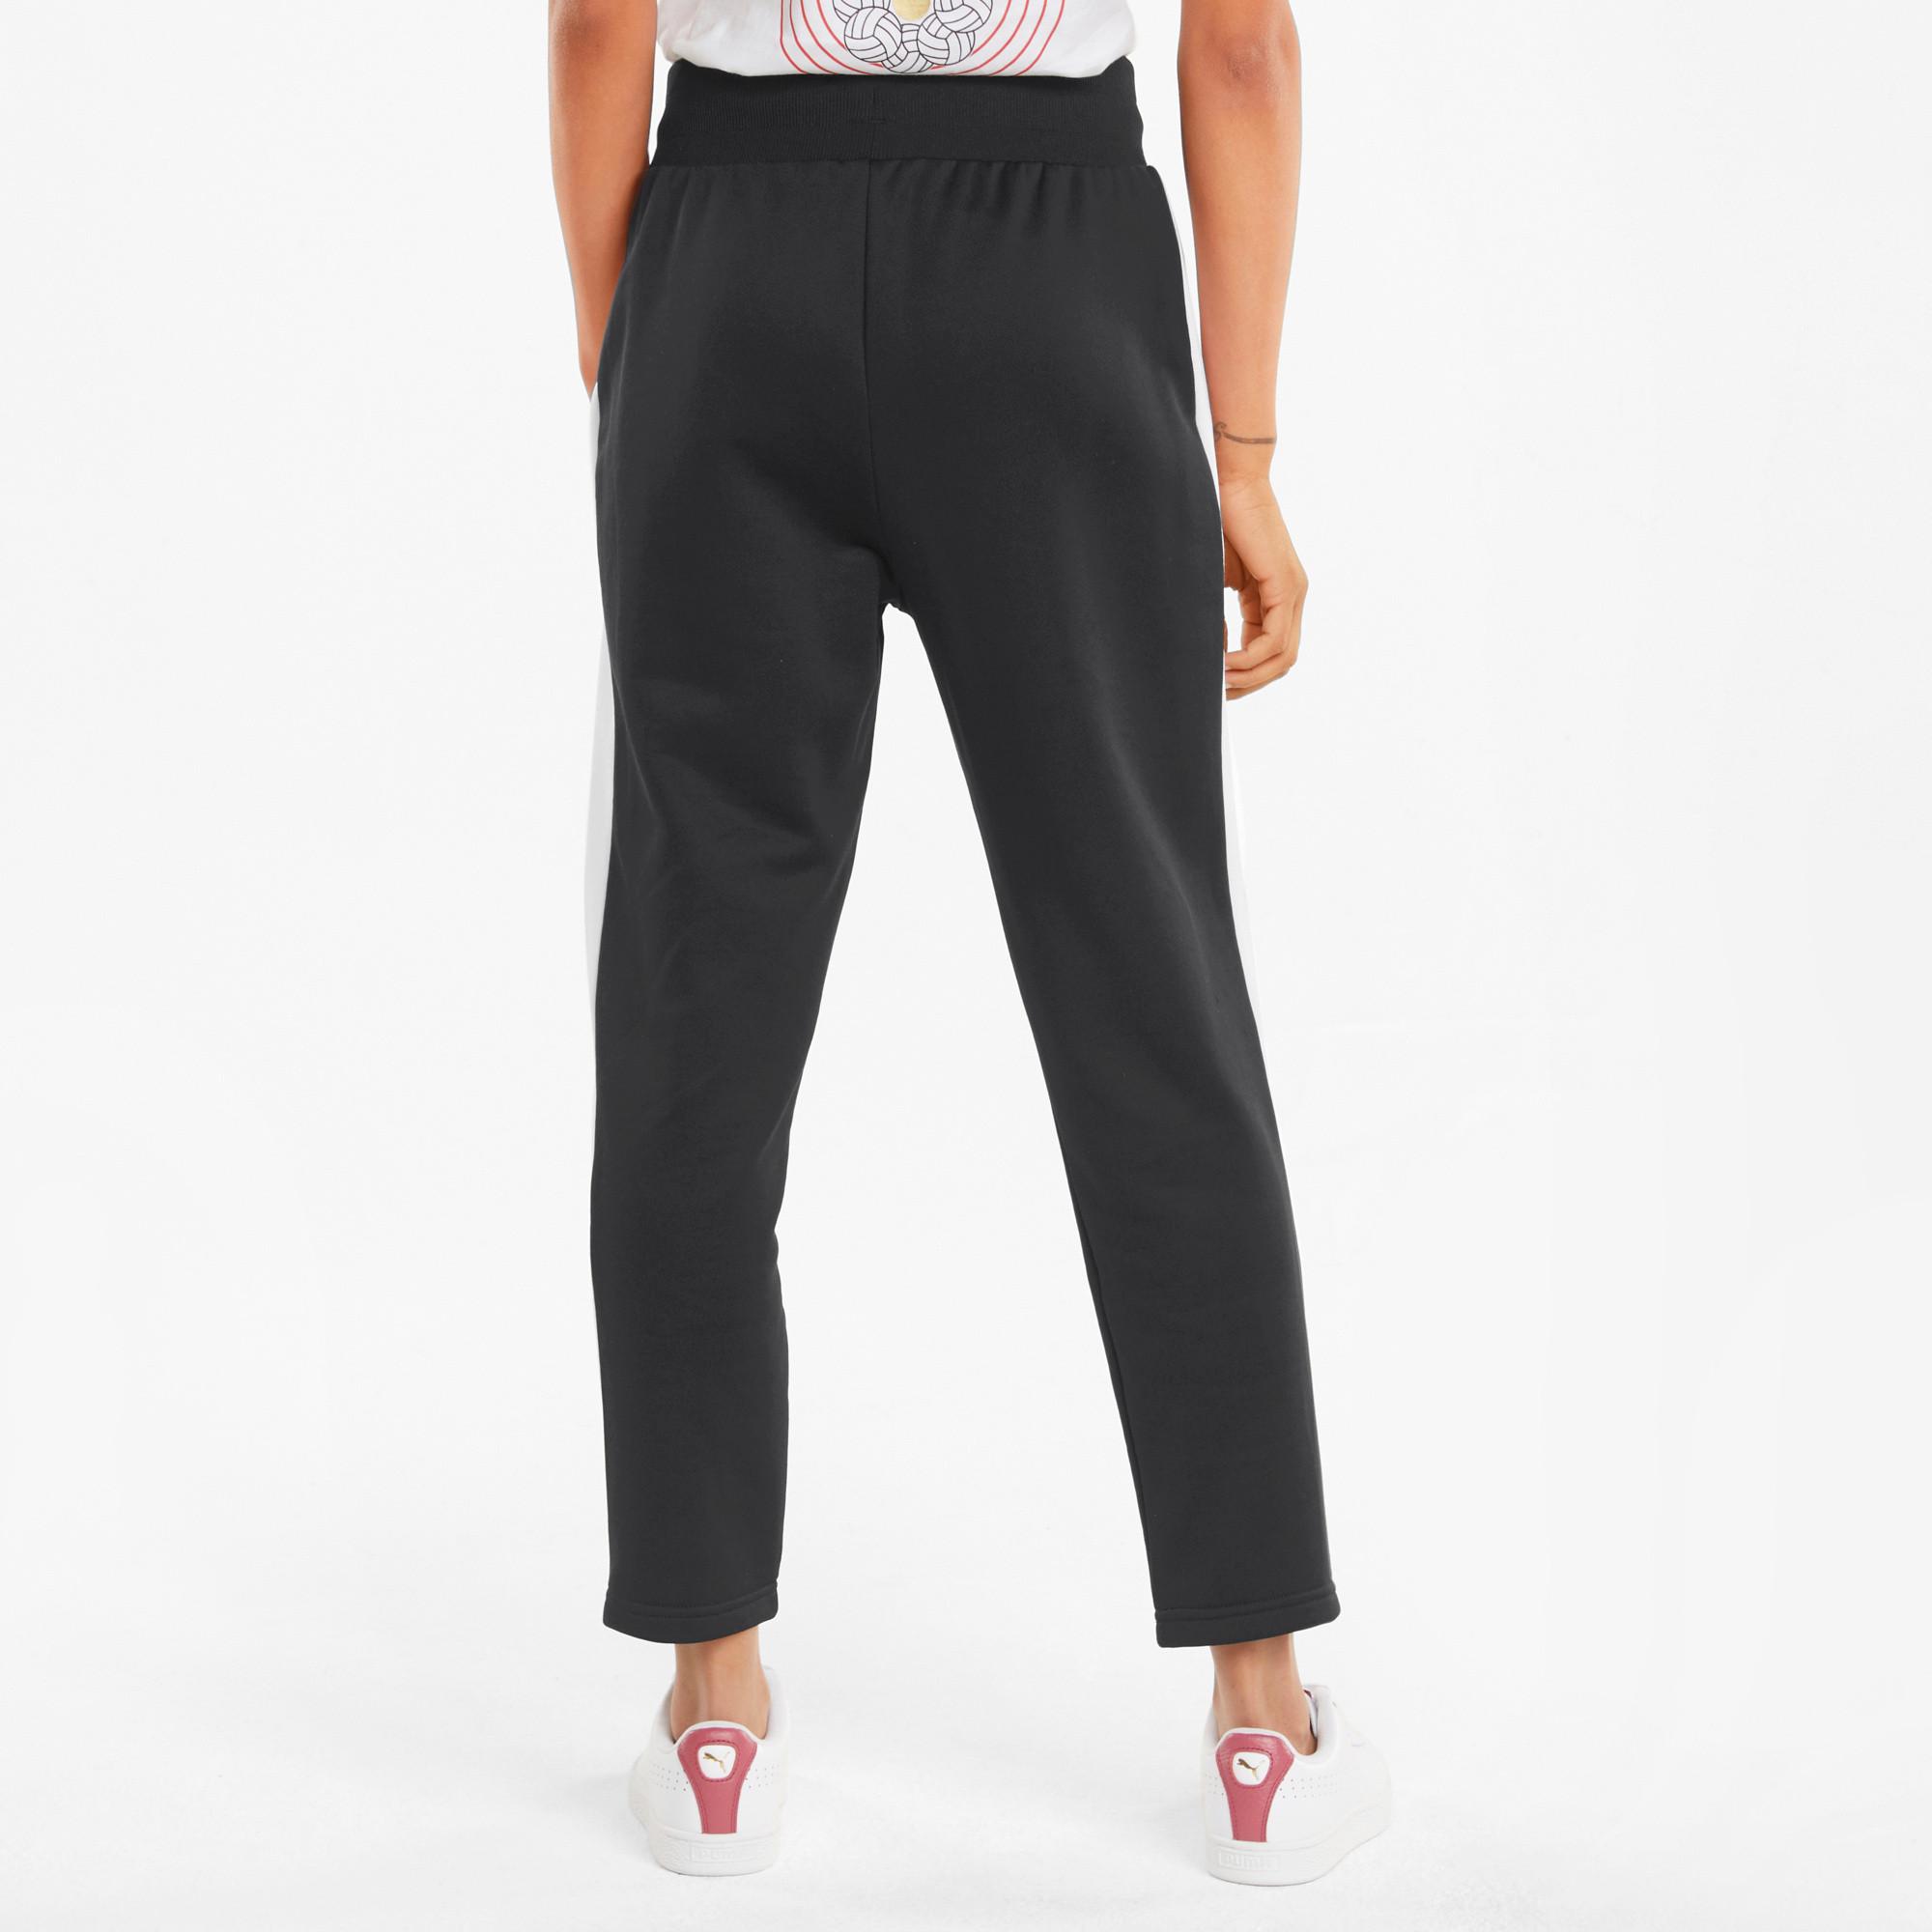 Pantaloni tuta donna Iconic T7, Nero, large image number 3